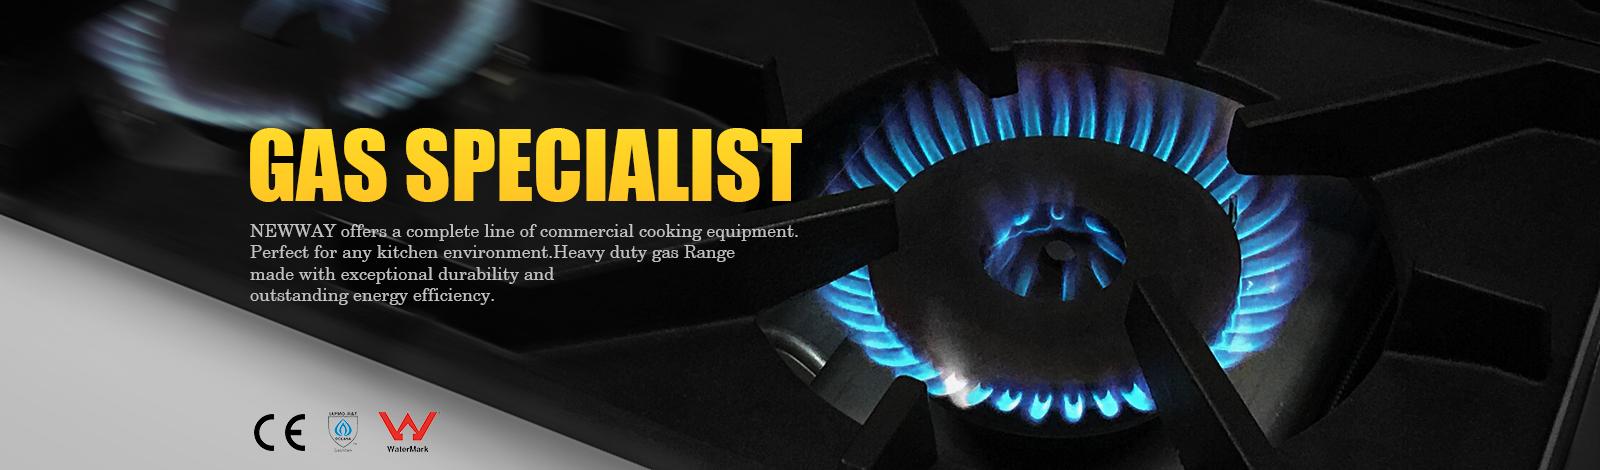 NEWWAY Gas Specialist